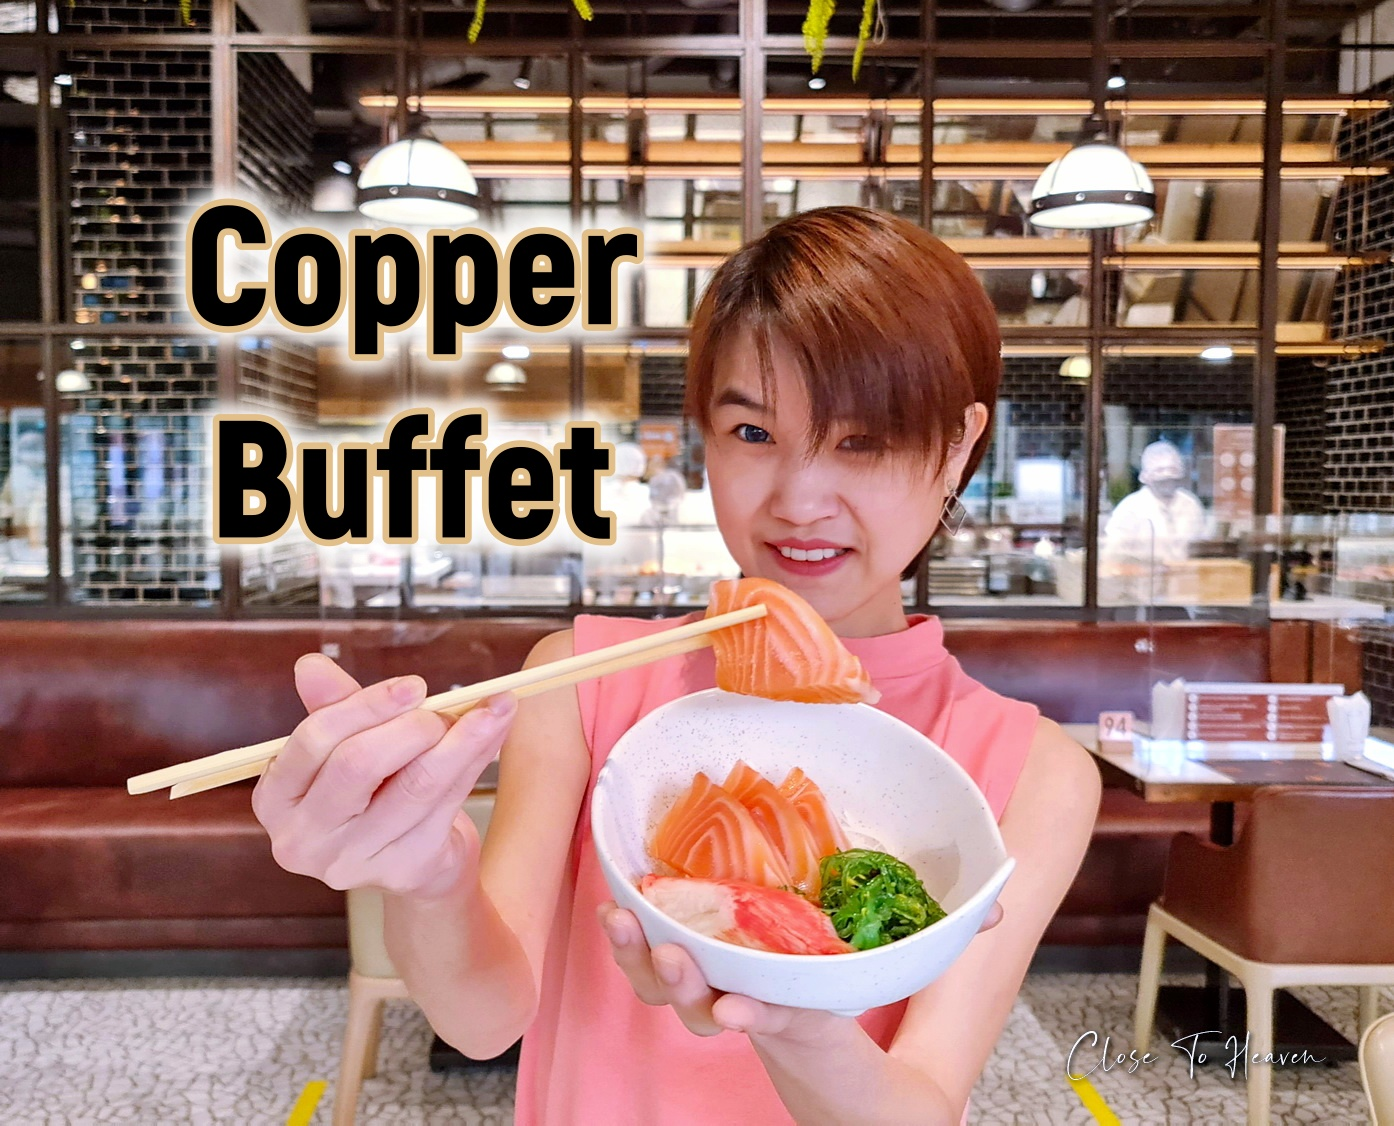 Copper Buffet เพิ่ม เมนูใหม่ ในไลน์บุฟเฟ่ต์ 2021